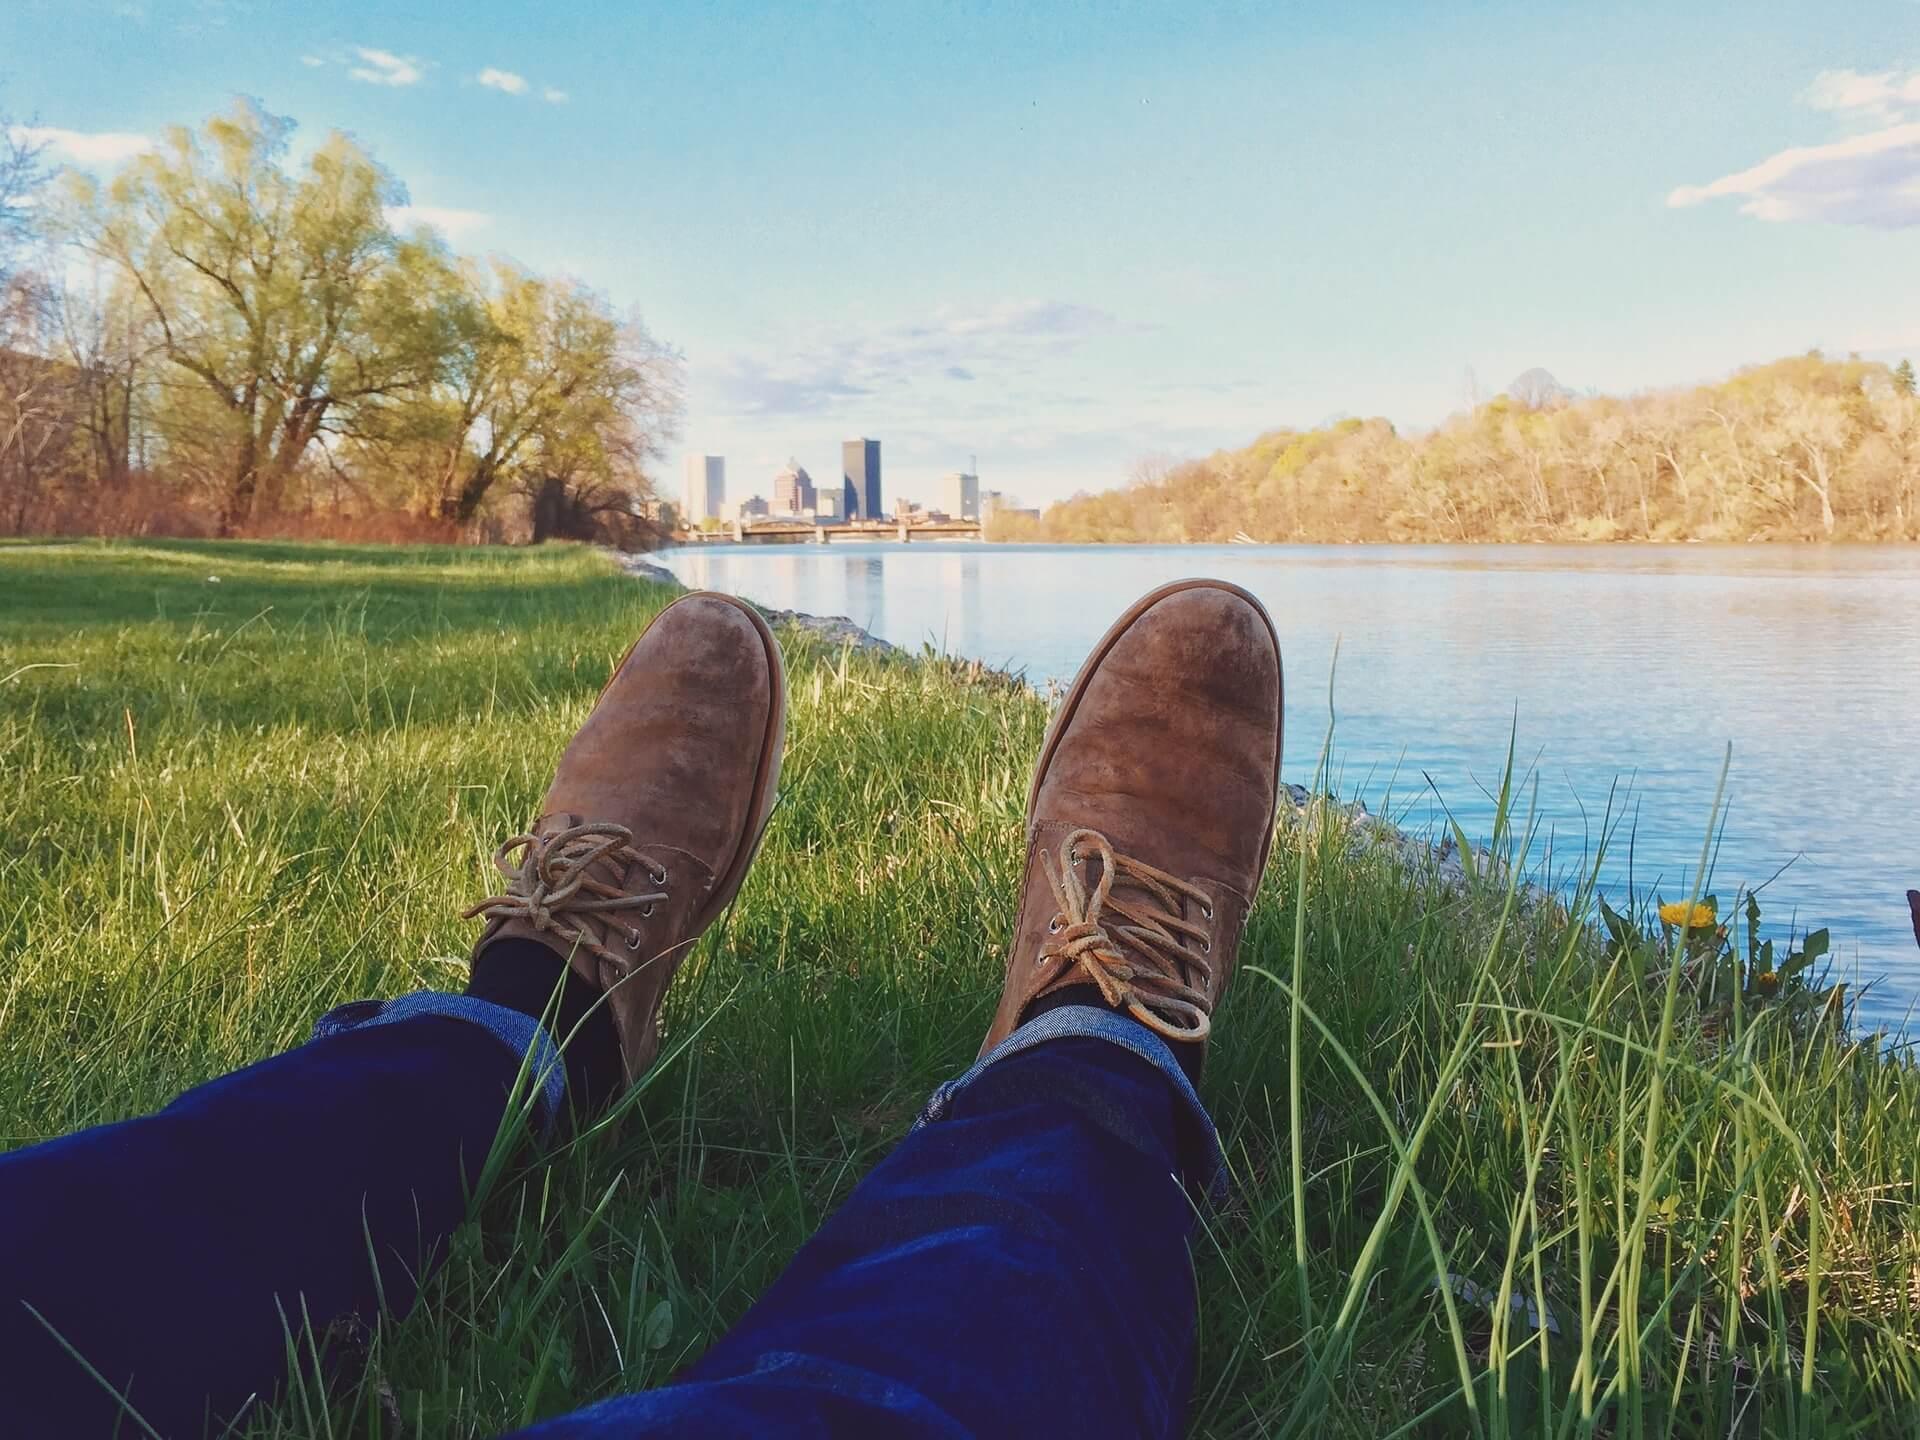 Des pieds d'un homme étendus au bord de l'eau - sophrologie